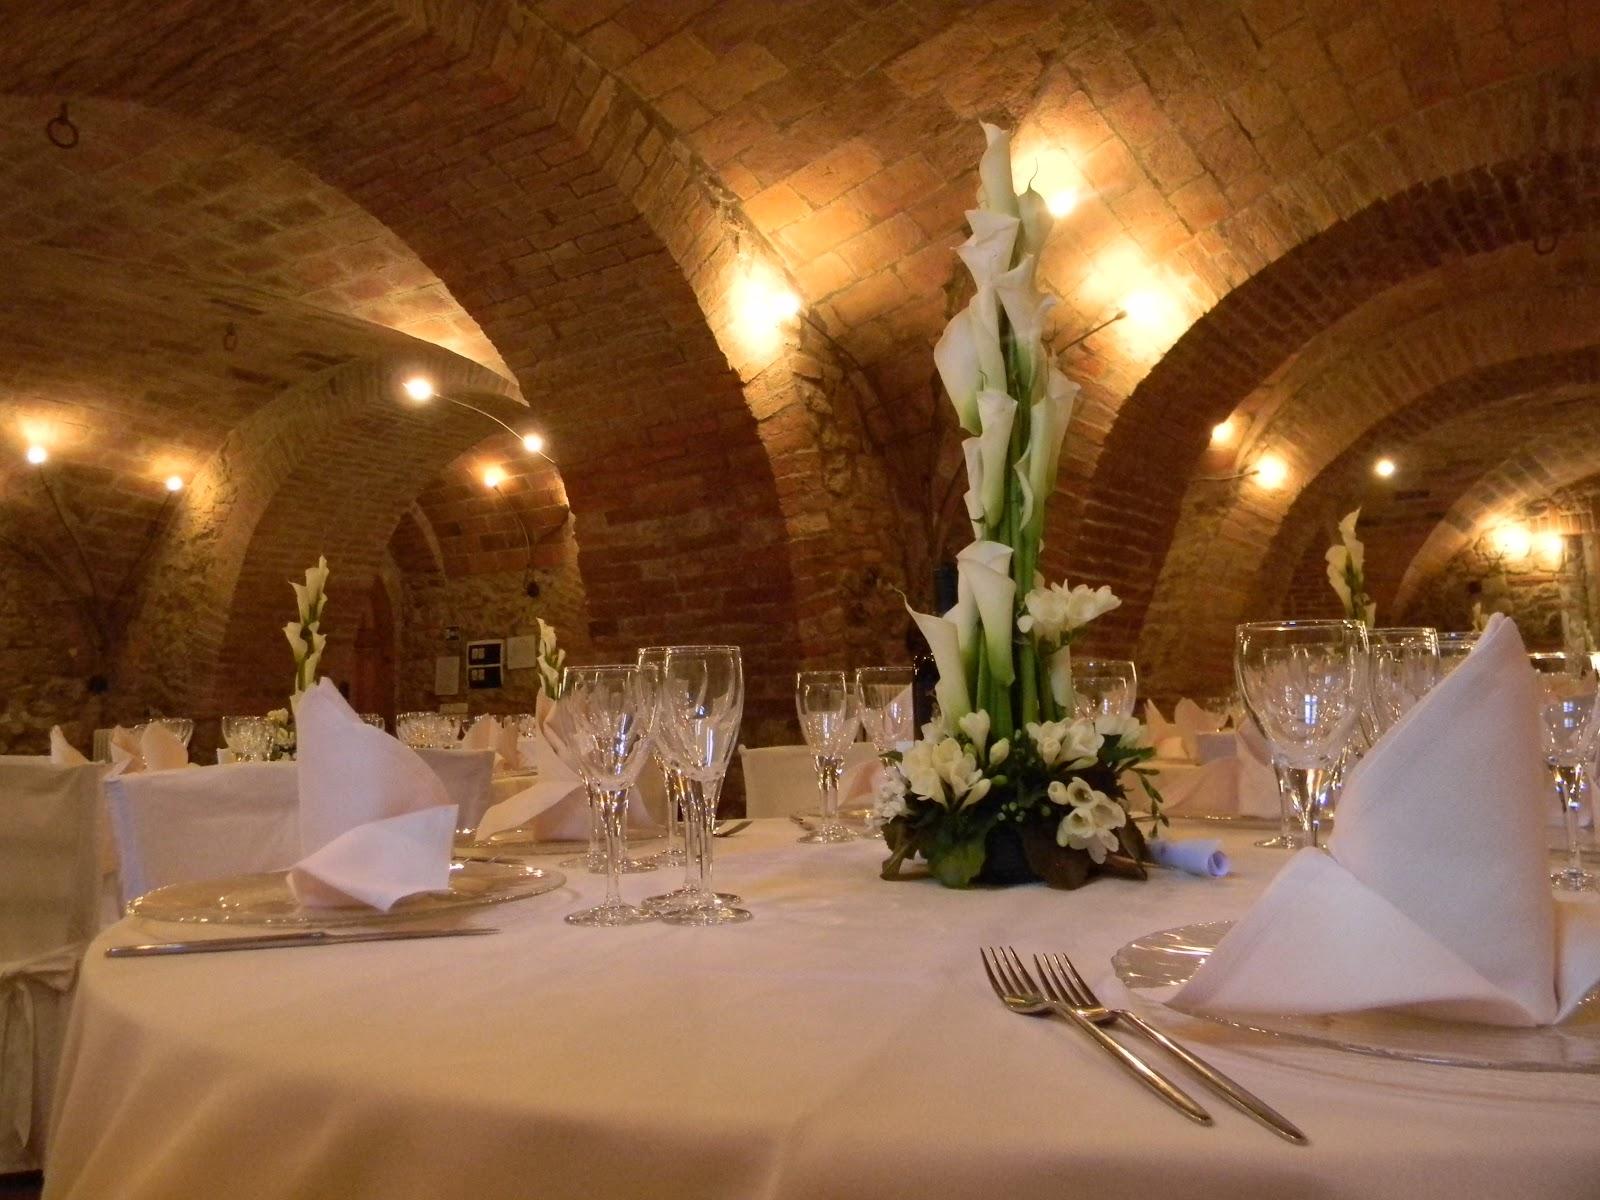 Location Matrimonio Rustico Lombardia : Spose italiane consigli per la sposa su come organizzare